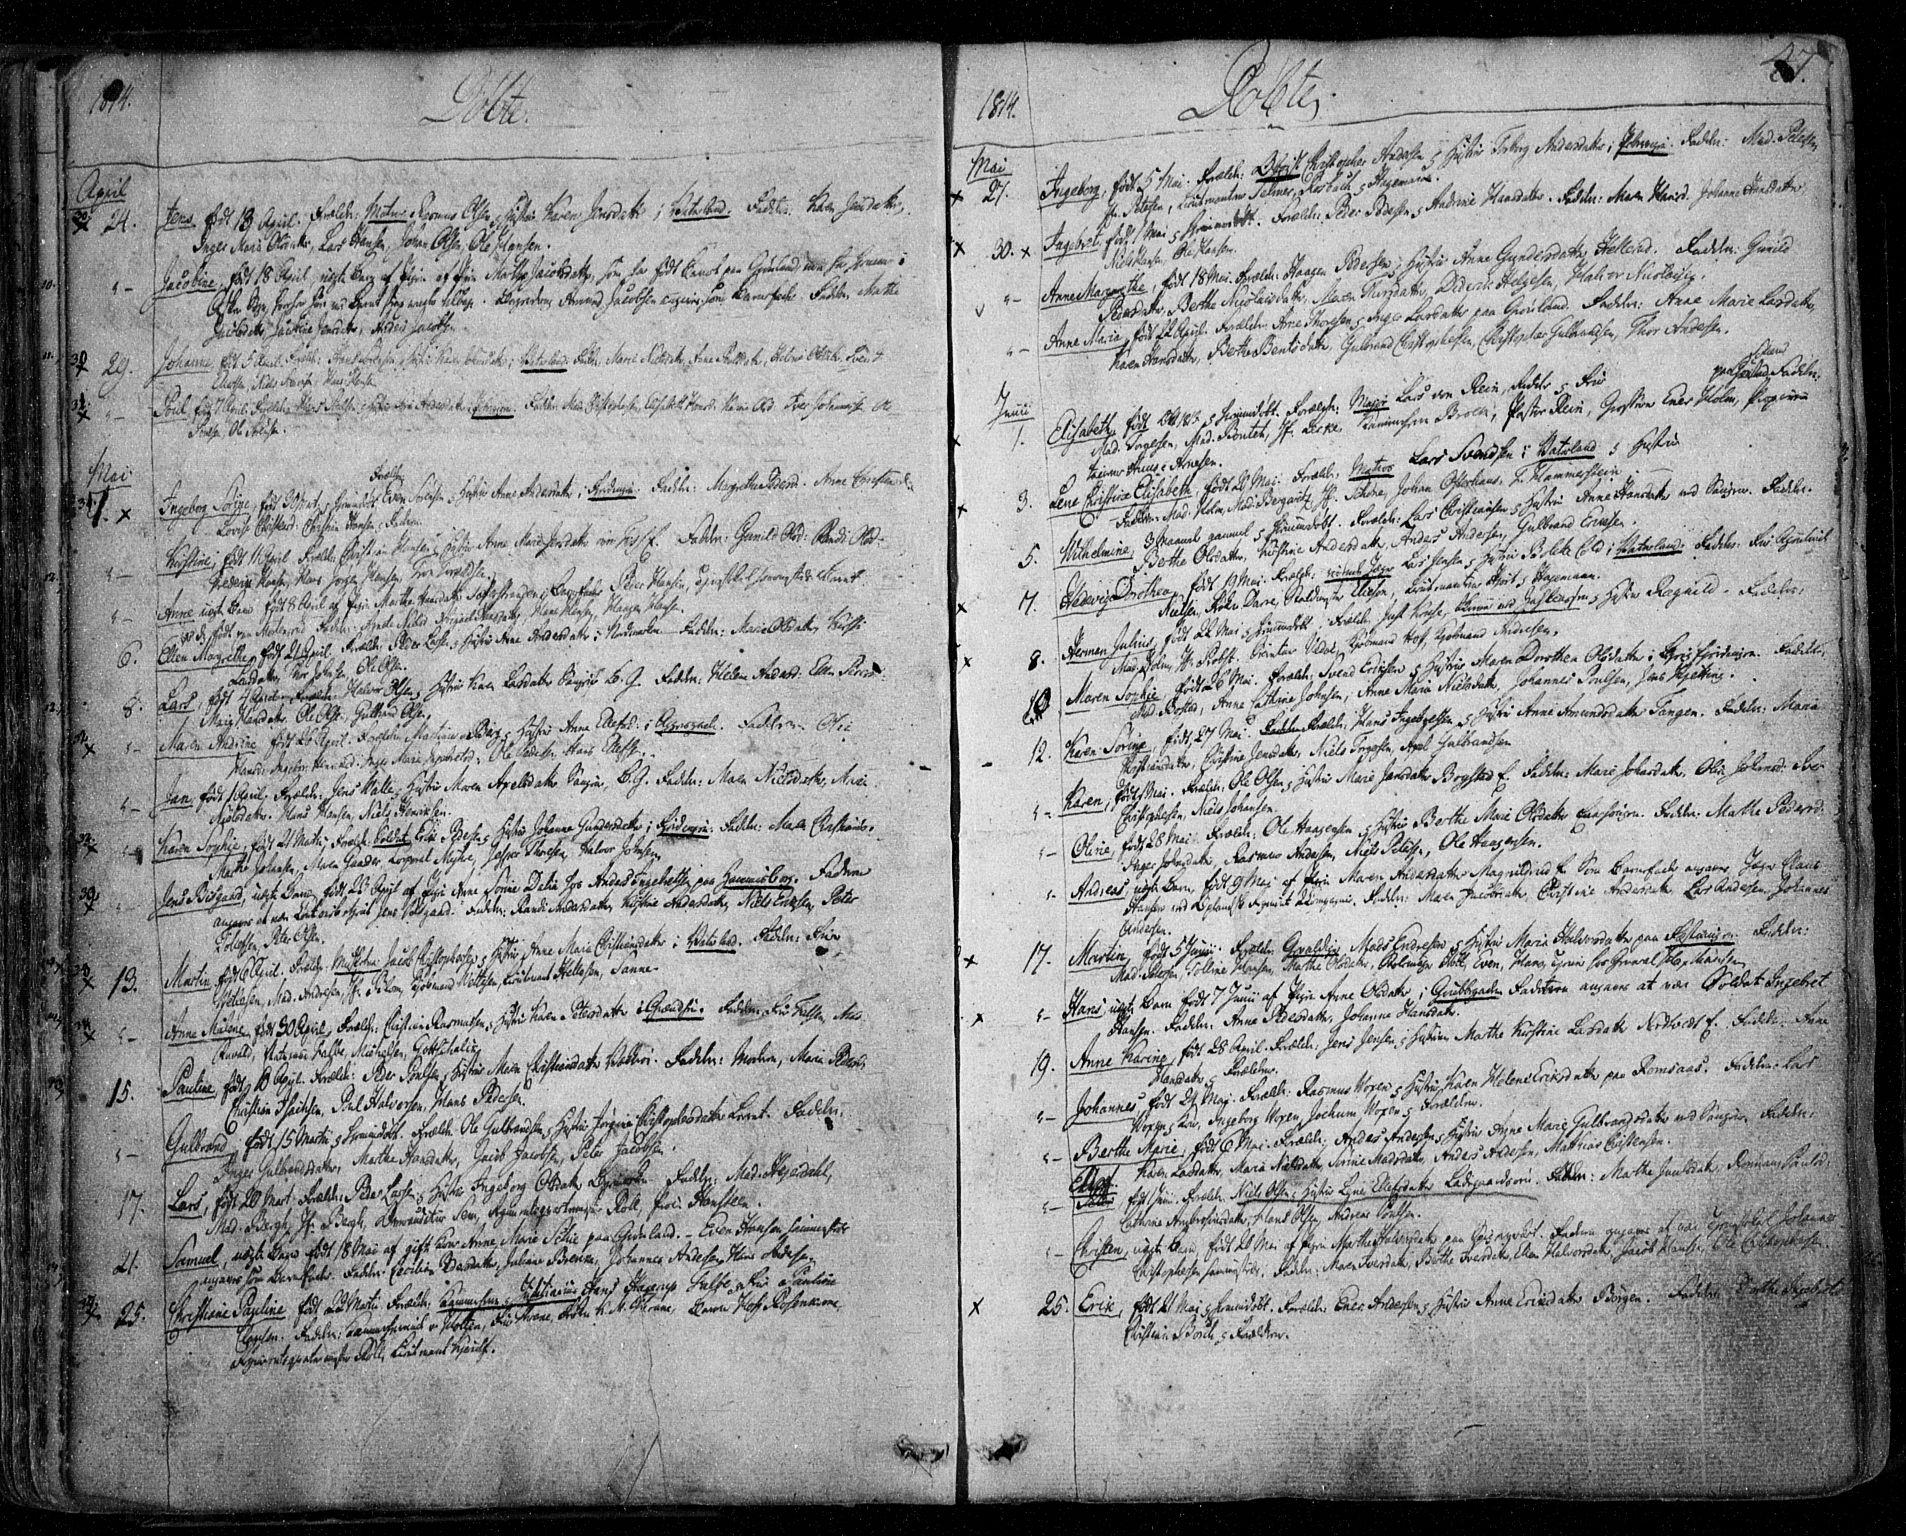 SAO, Aker prestekontor kirkebøker, F/L0011: Ministerialbok nr. 11, 1810-1819, s. 47